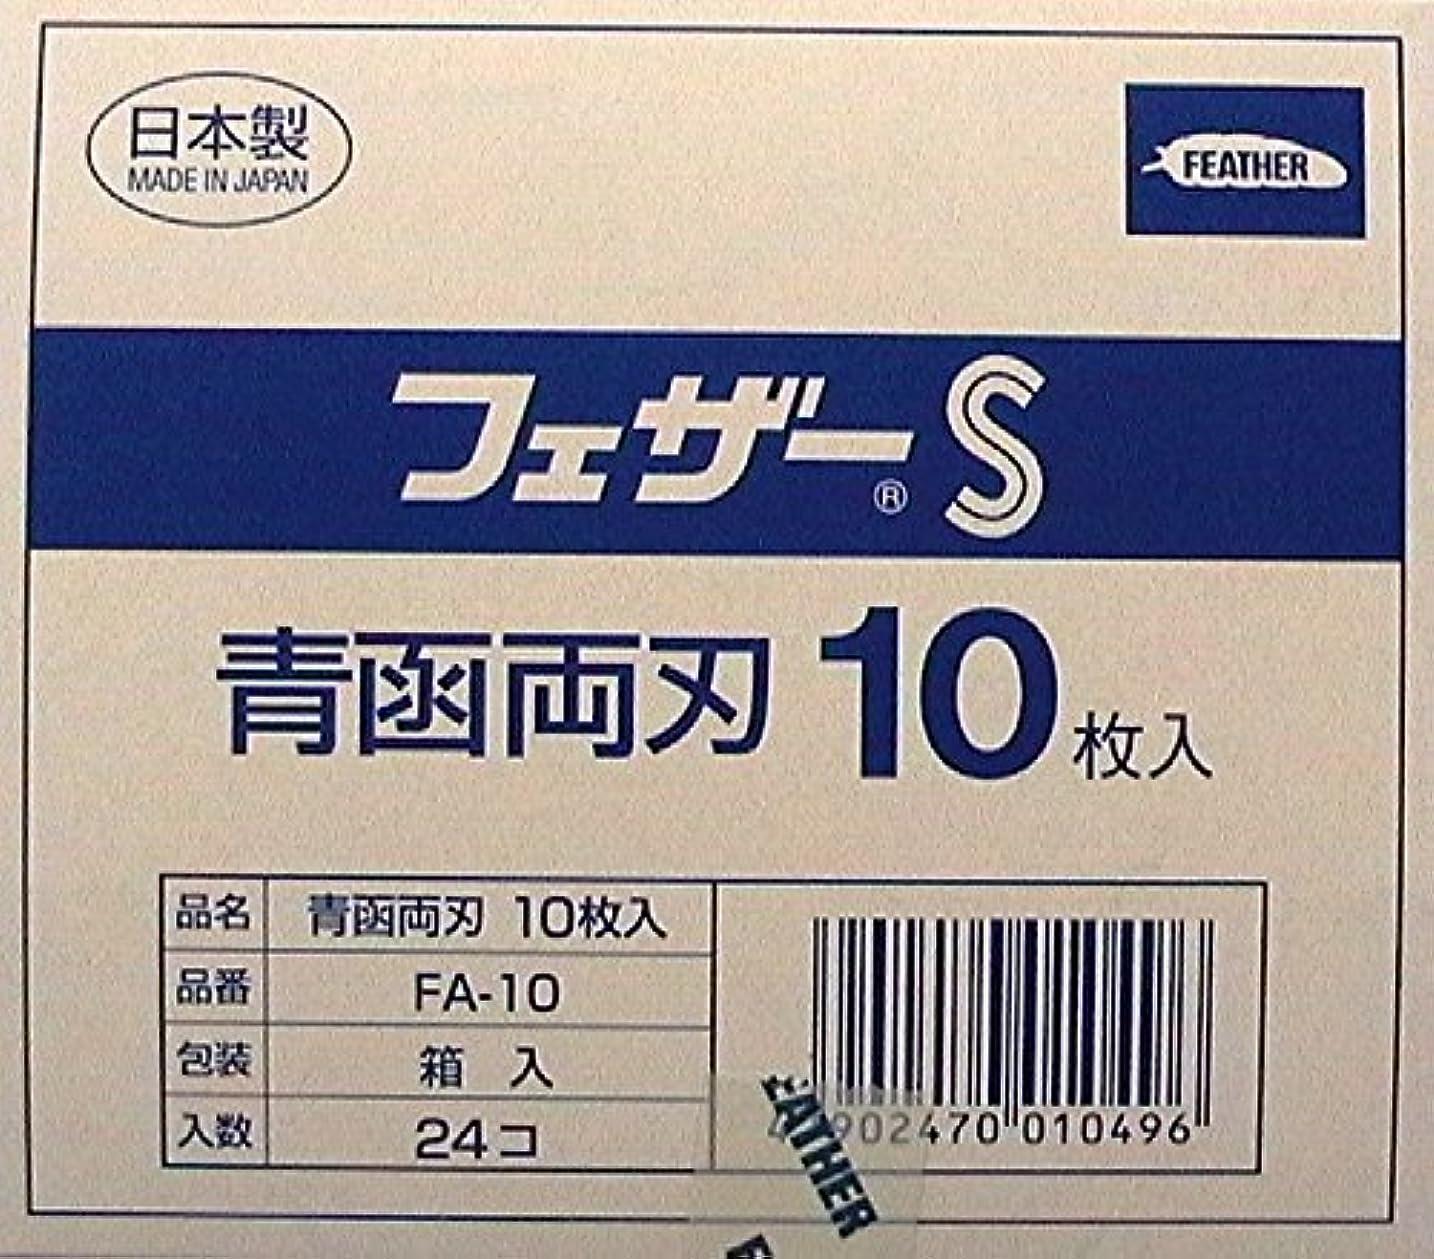 体細胞忙しいルーチンフェザーS 青函両刃FA-10 箱入り 10枚入り×24箱(240枚入り)